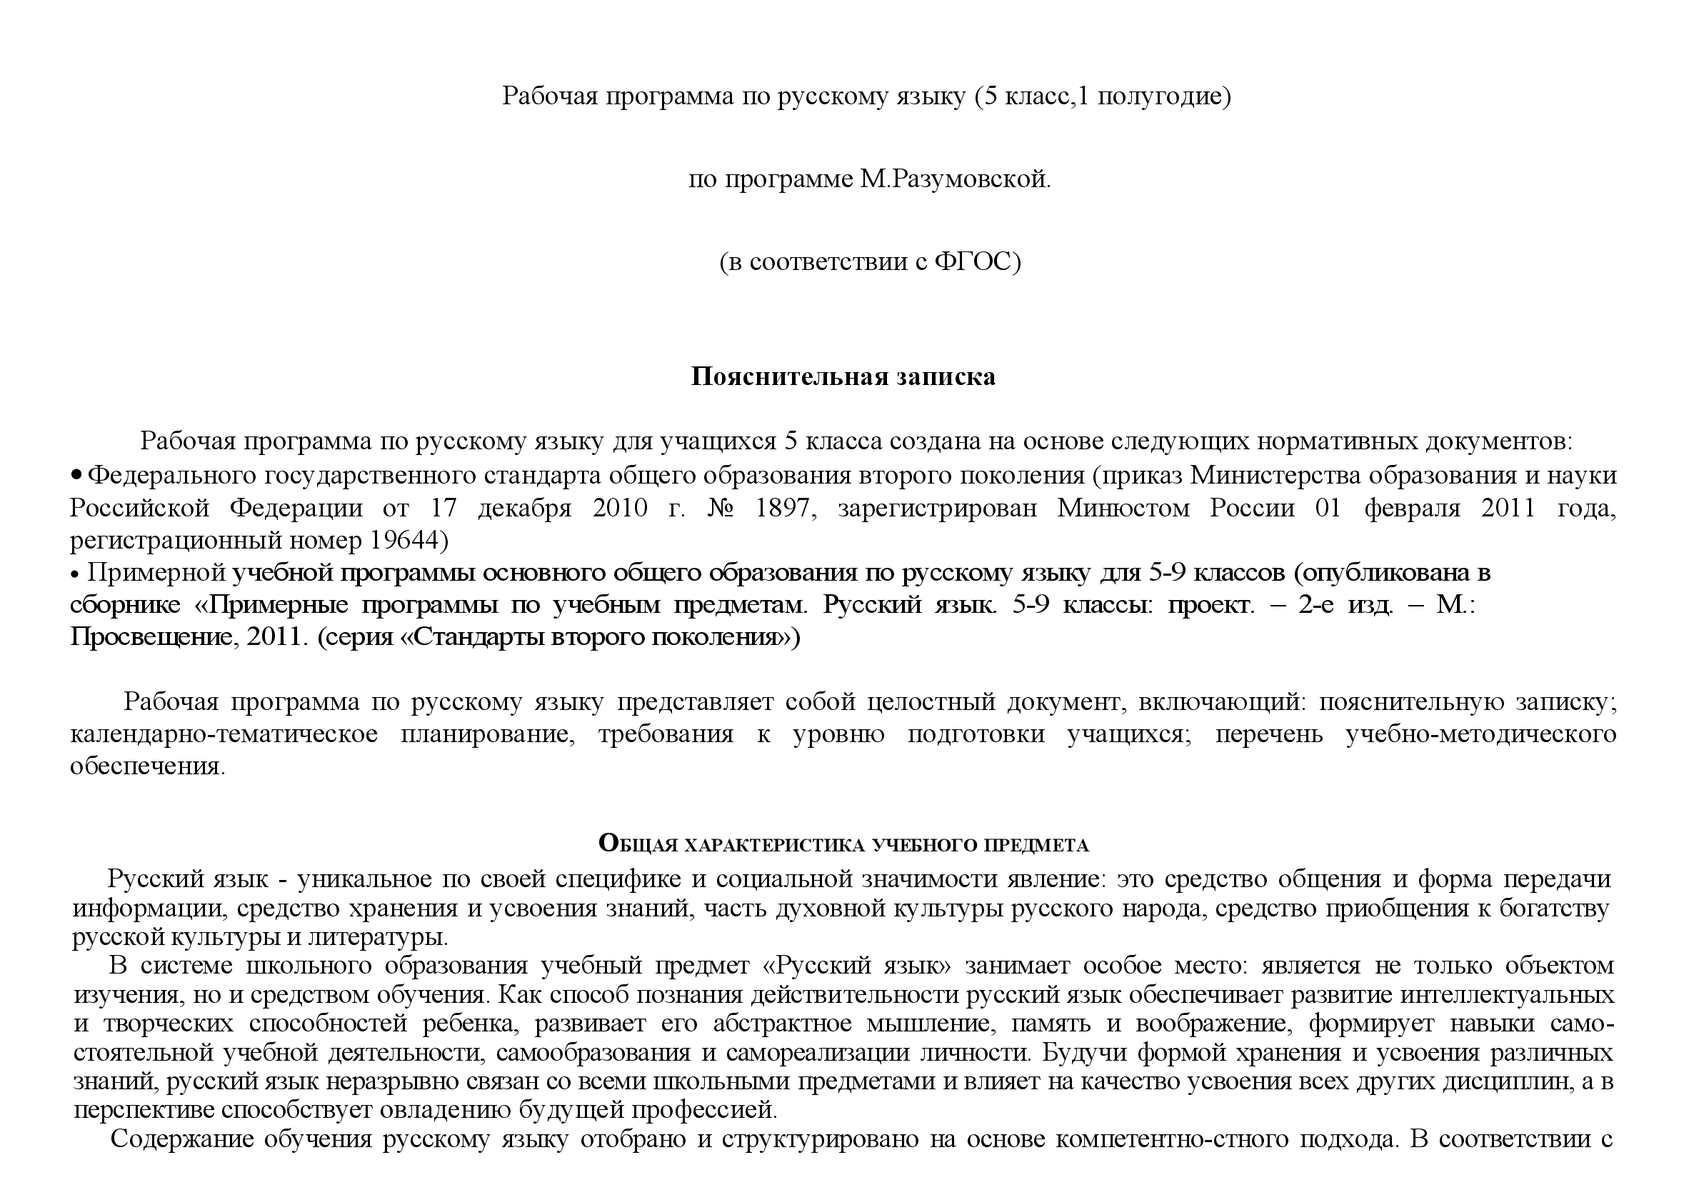 рабочая программа по русскому языку 7 класс быстрова фгос